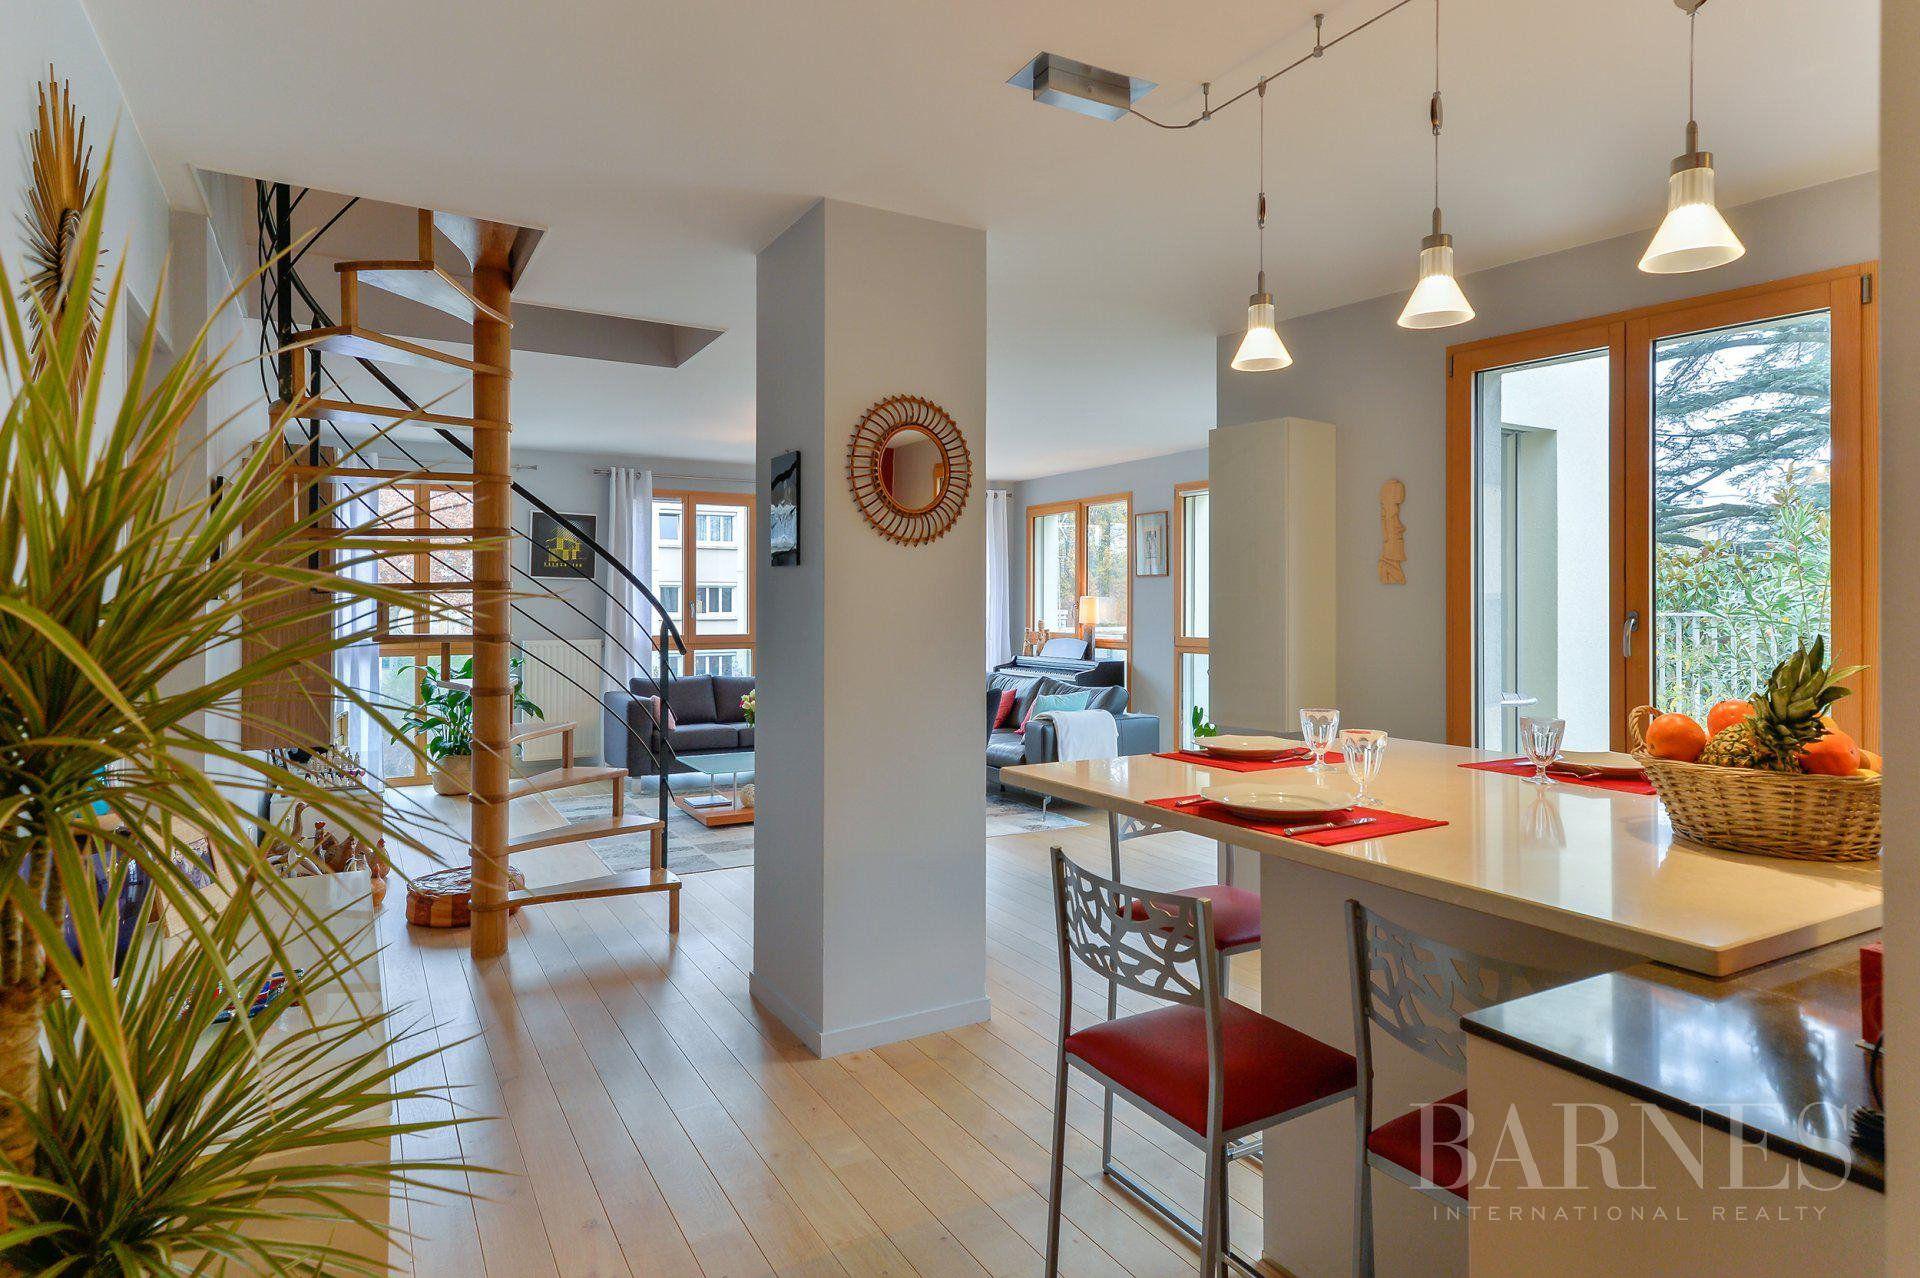 Lyon 5 - Point du Jour - Duplex of 154 sqm with terrace - 5 bedrooms